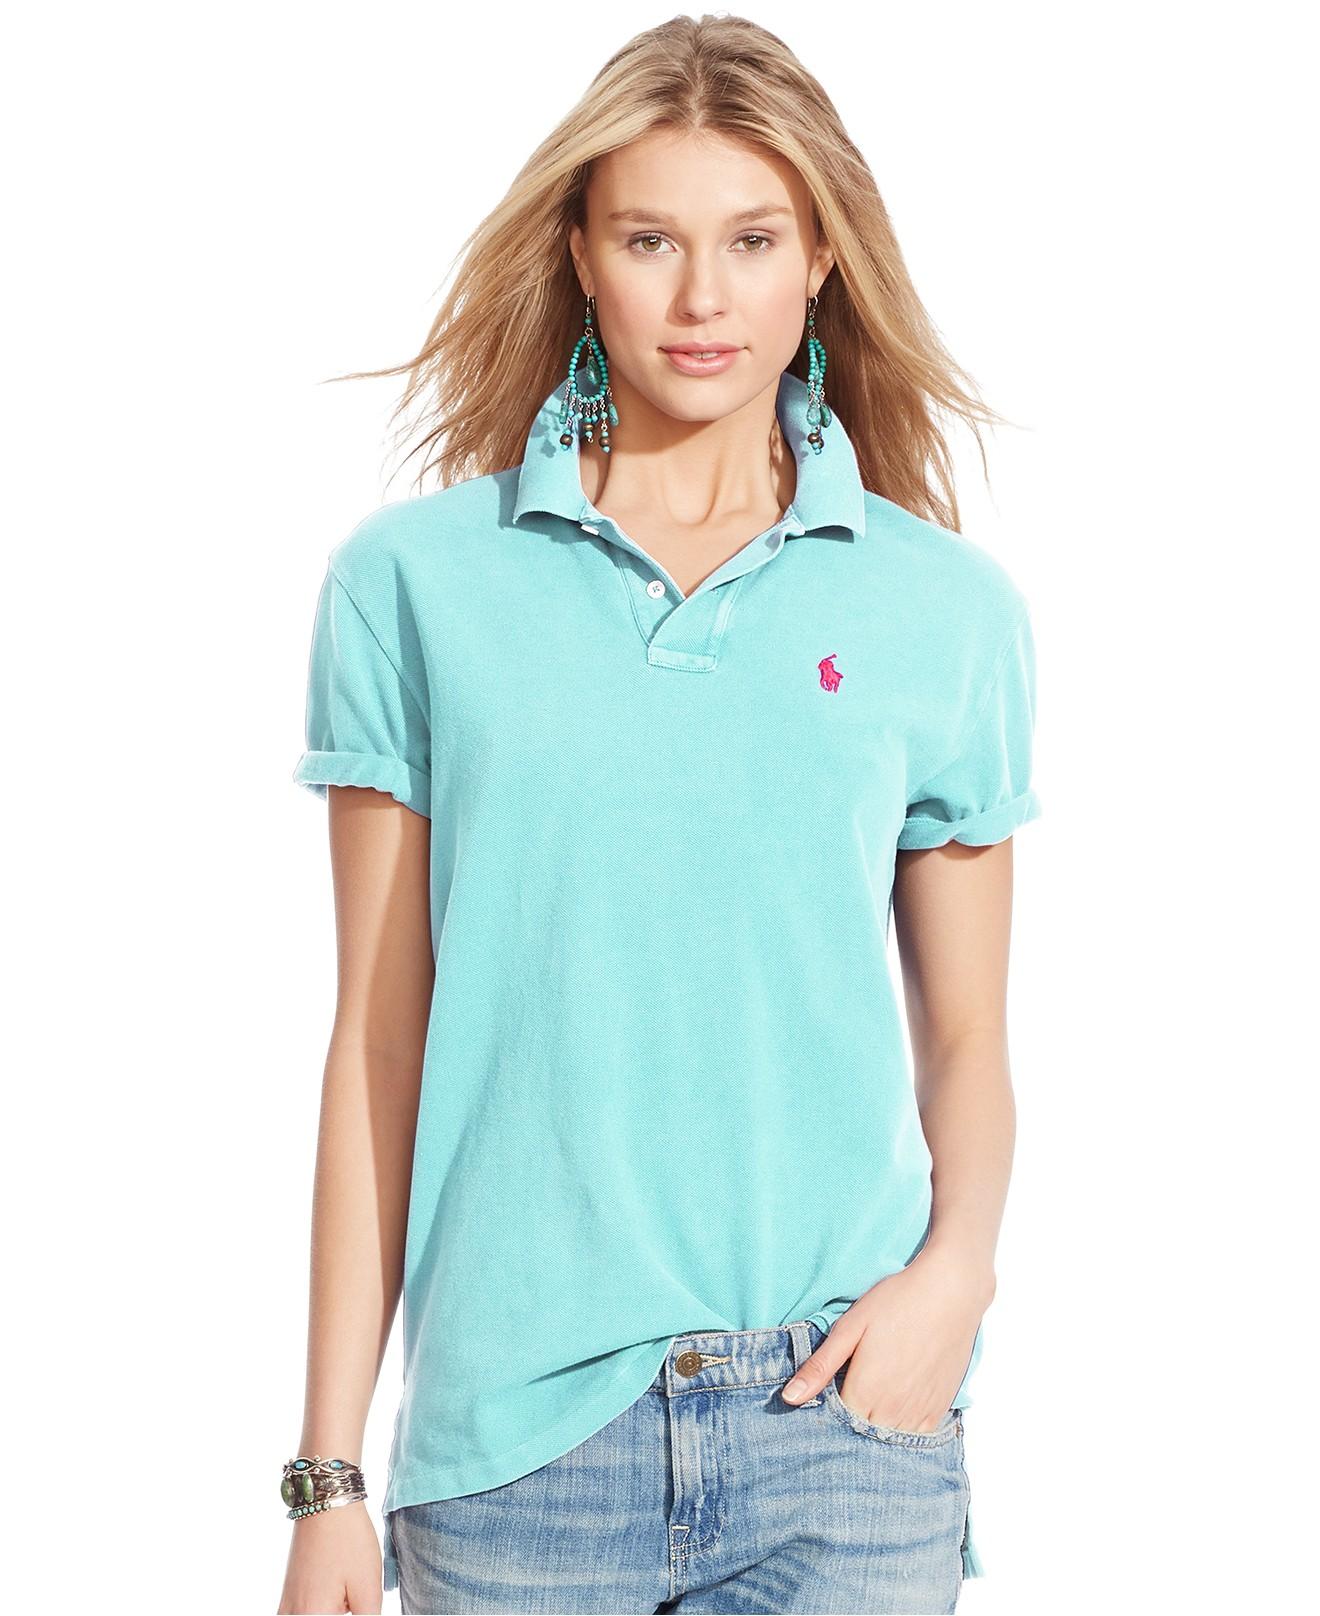 Рубашка поло Polo ralph lauren 2015 POLO POLO рубашка поло r0076 polo ralph lauren polo